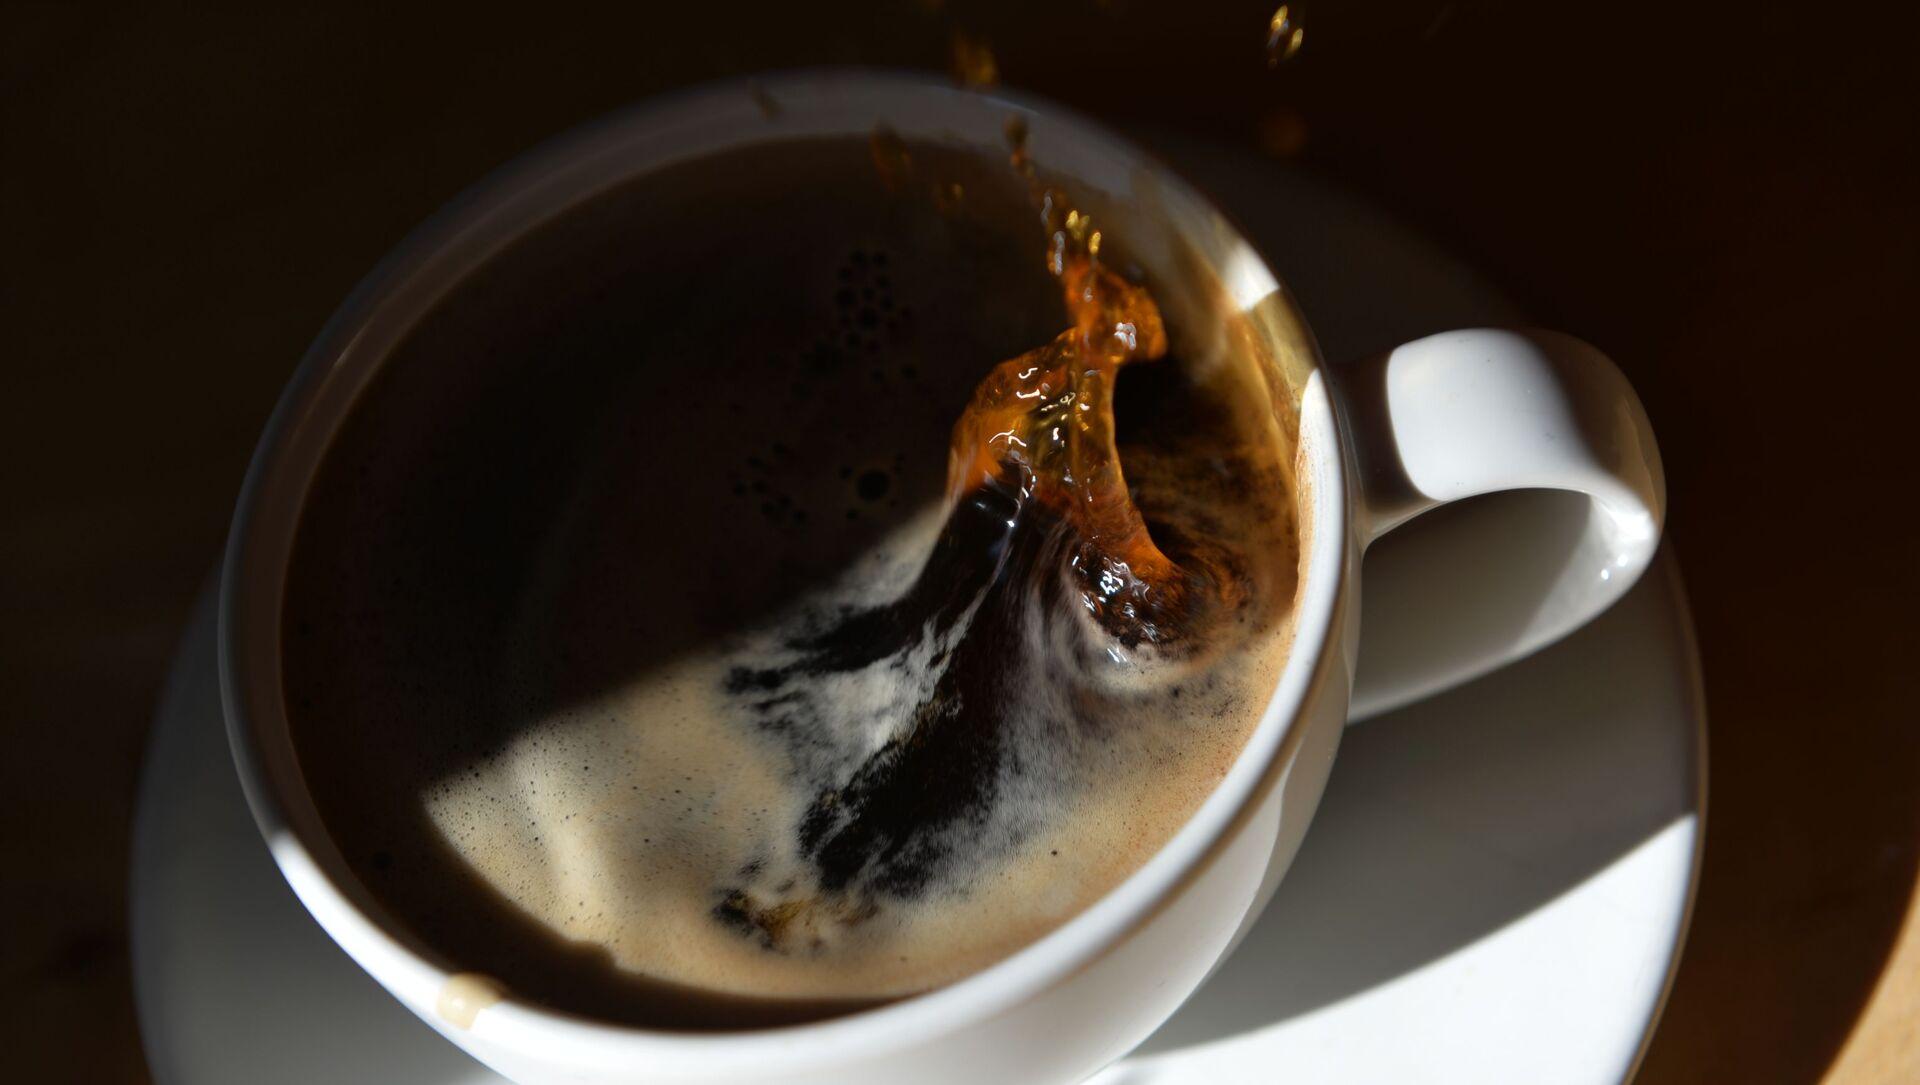 Una taza de café - Sputnik Mundo, 1920, 03.09.2020